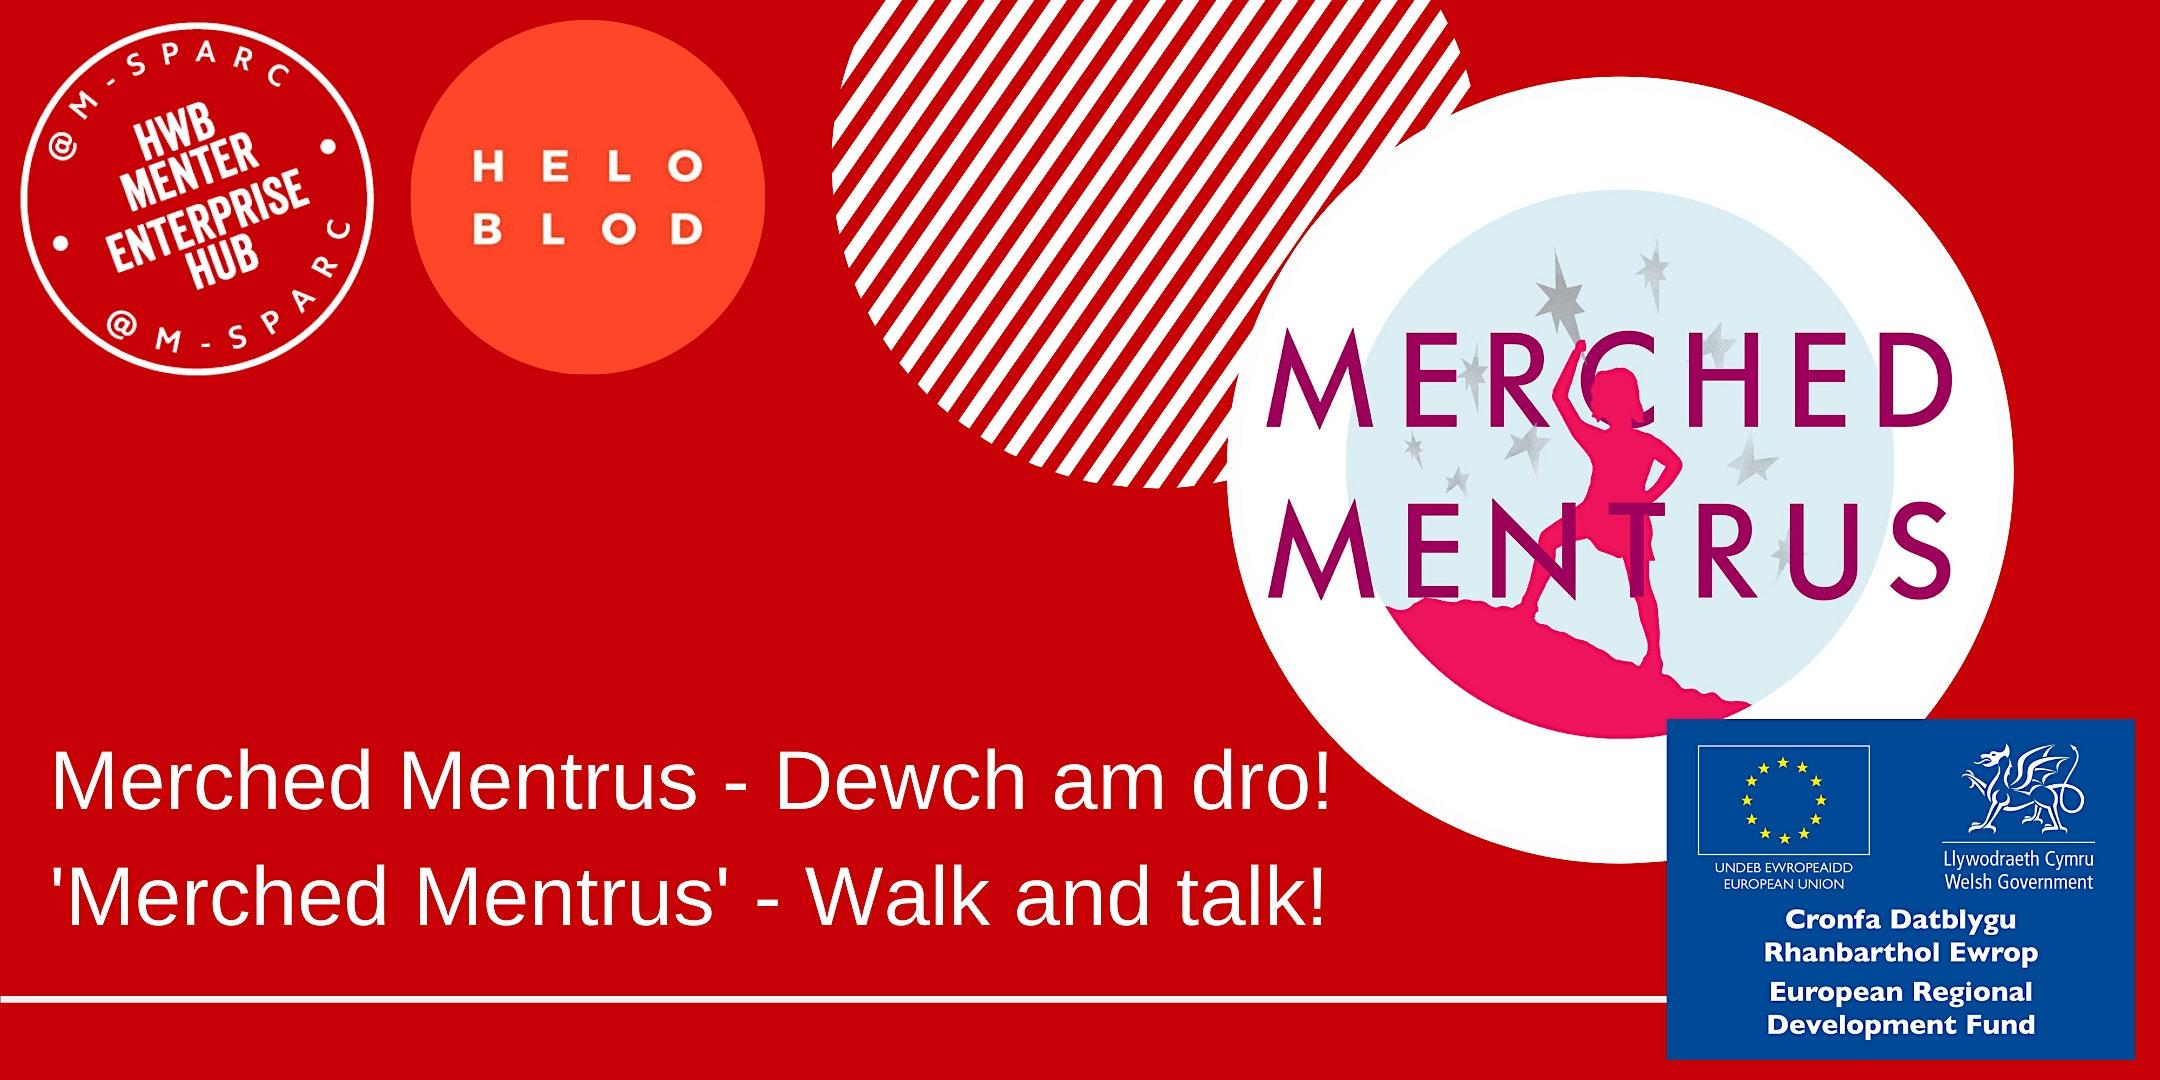 IN PERSON - Merched Mentrus Mon a Gwynedd - Dewch am dro!